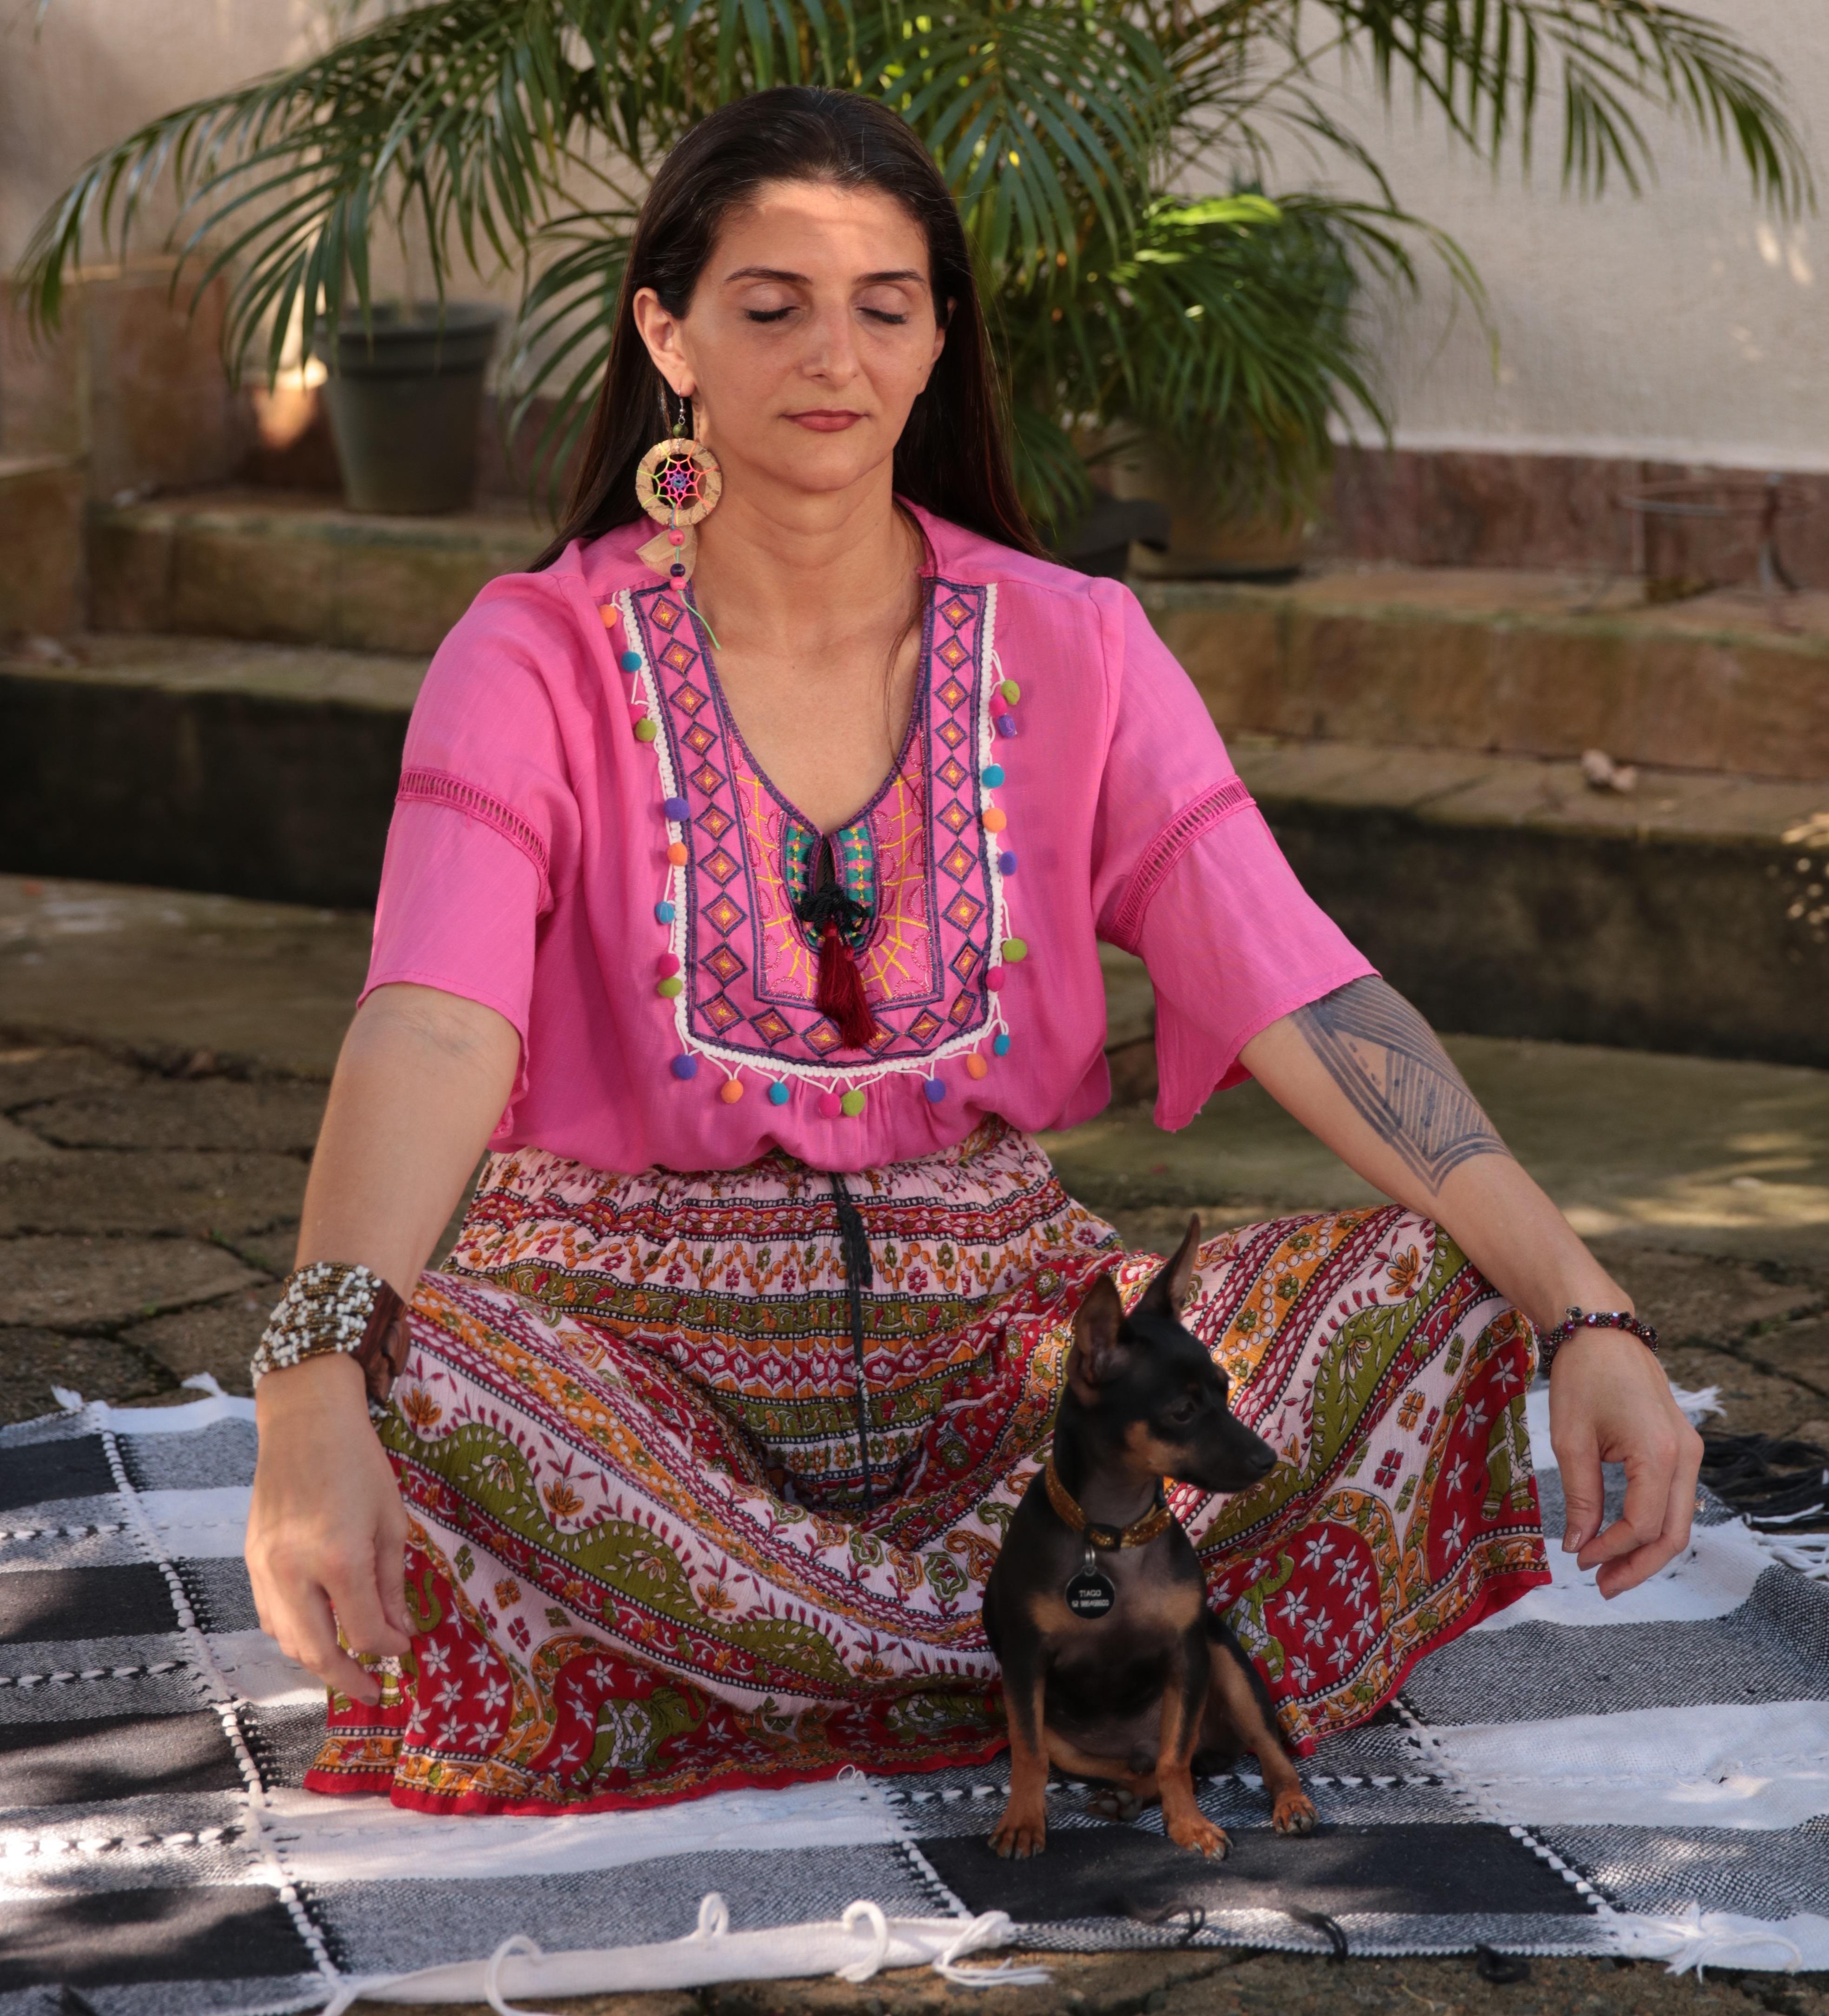 O dog de você fazem meditação também?